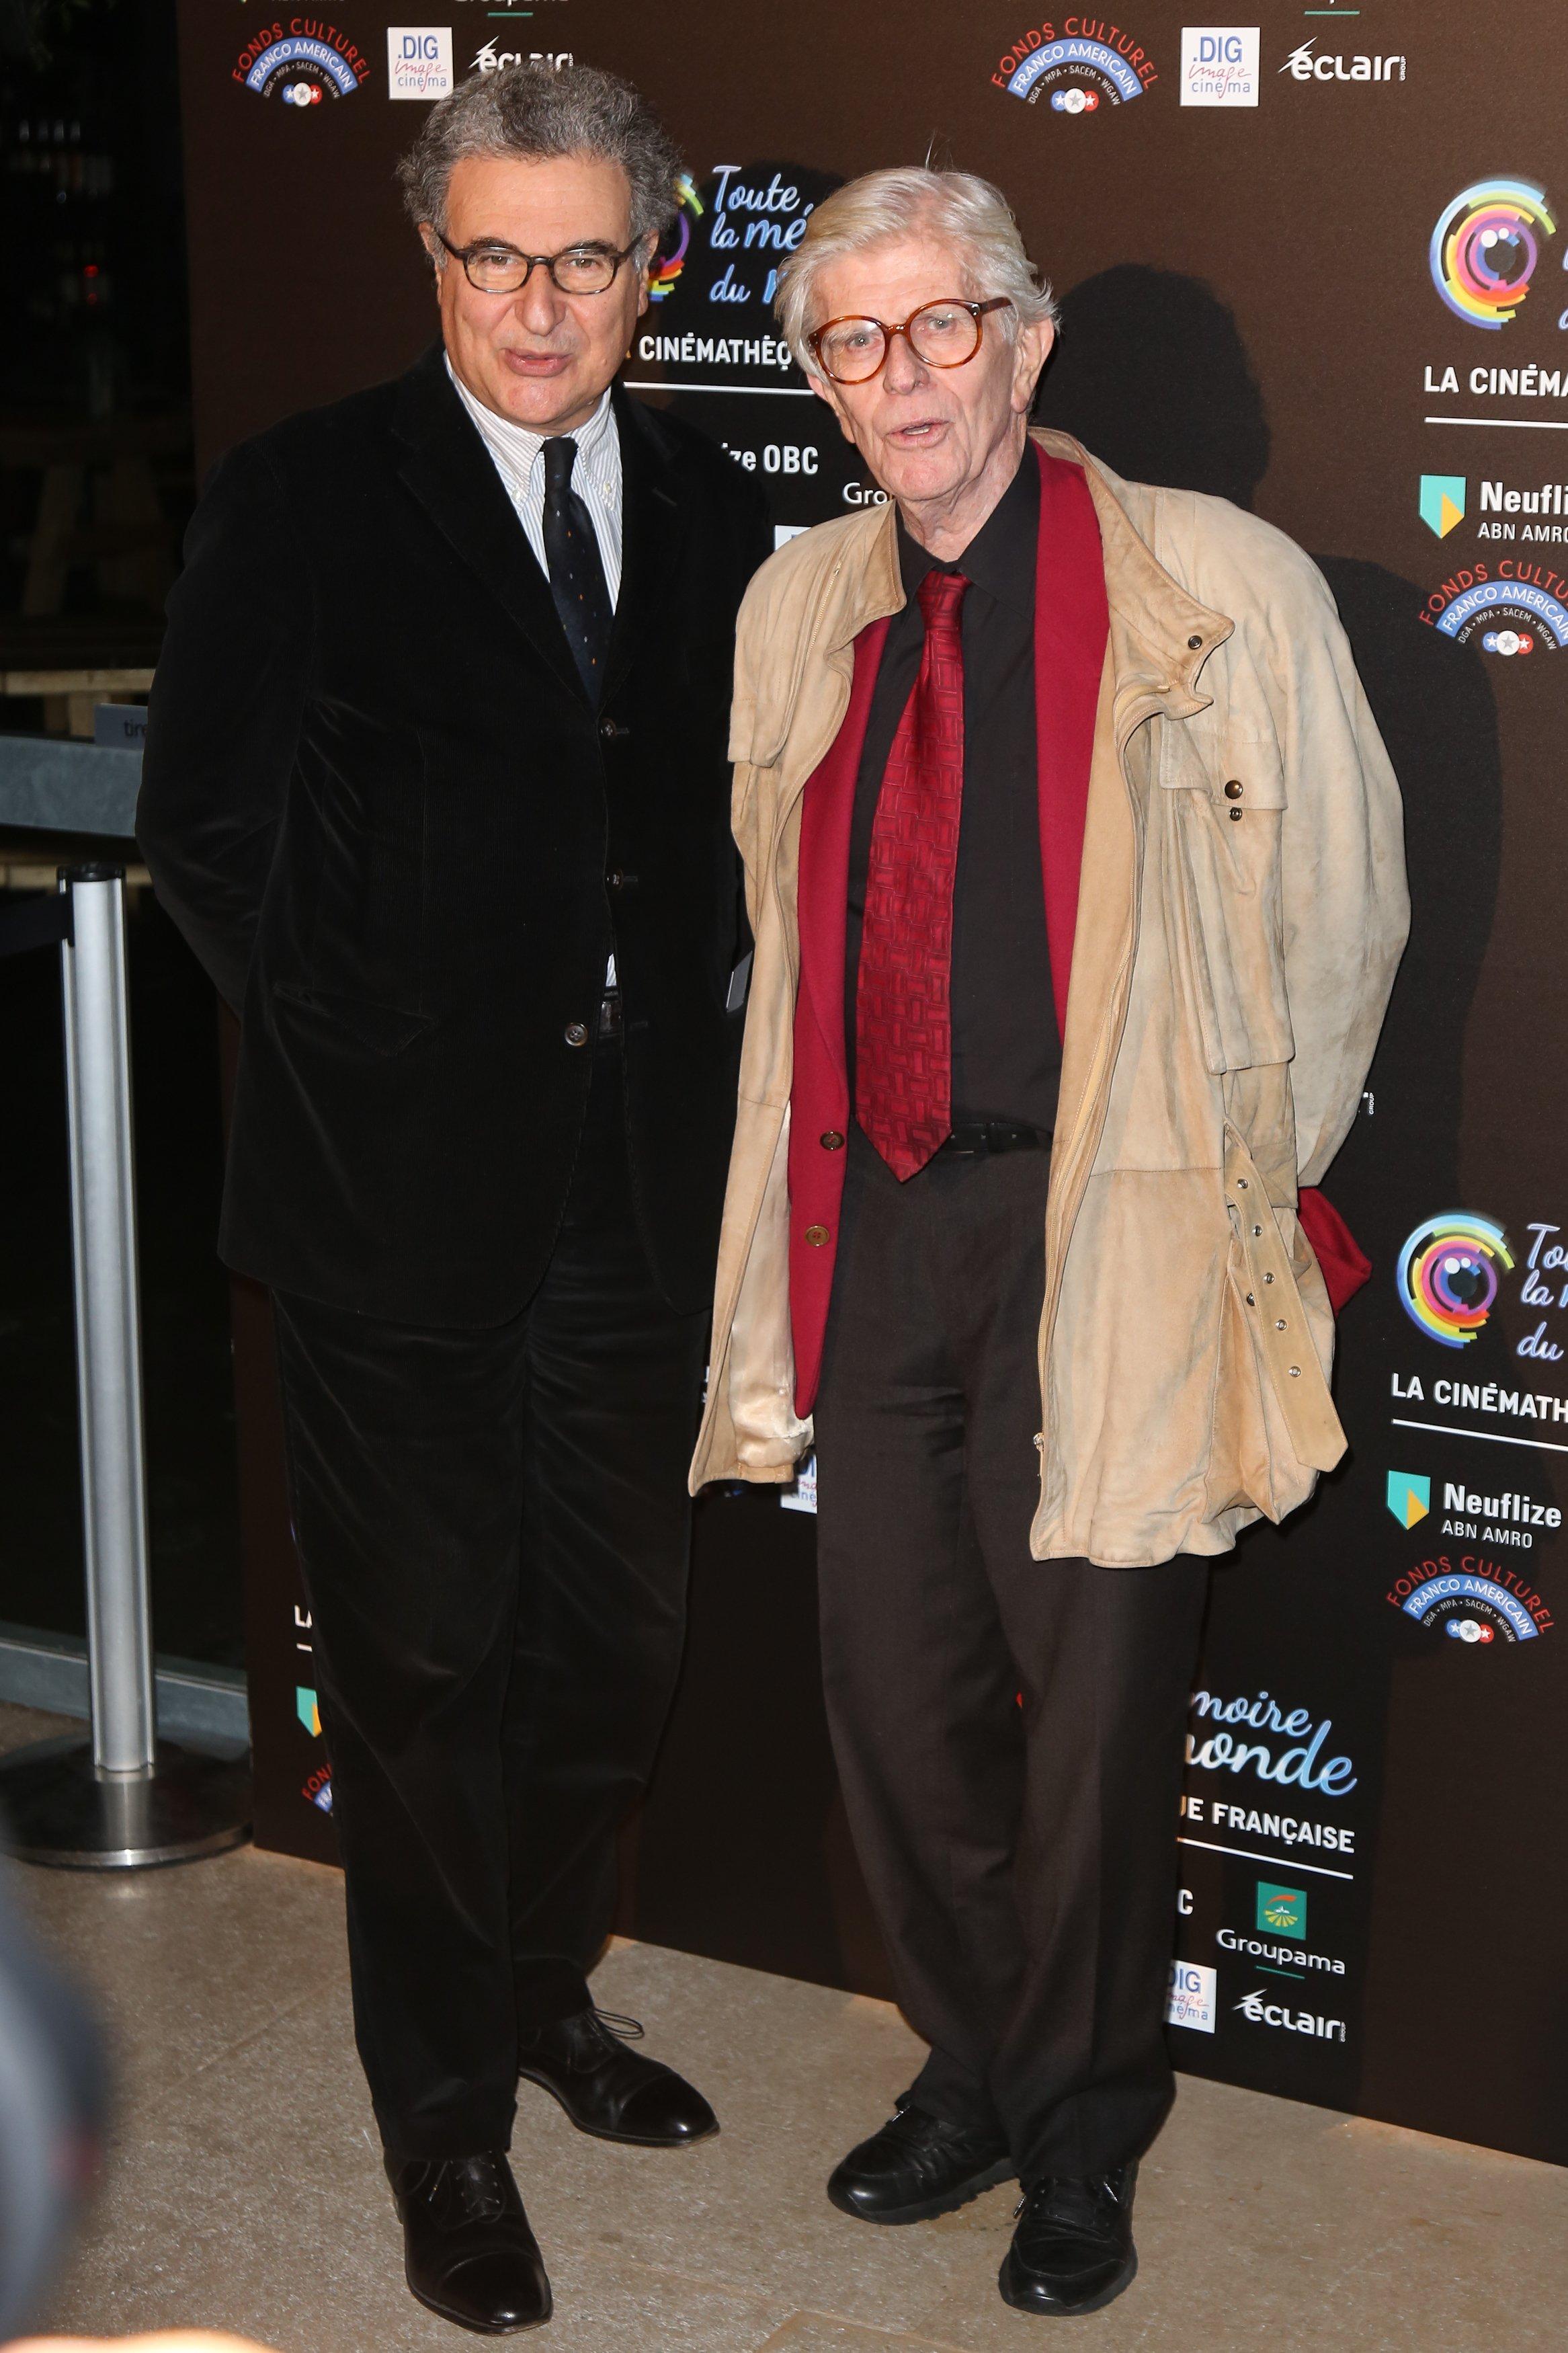 Francaise Serge Toubiana et Henry Chapier lors du 'Festival International du Film Restaure' à la Cinémathèque Française à Paris, France | Photo : Getty Images